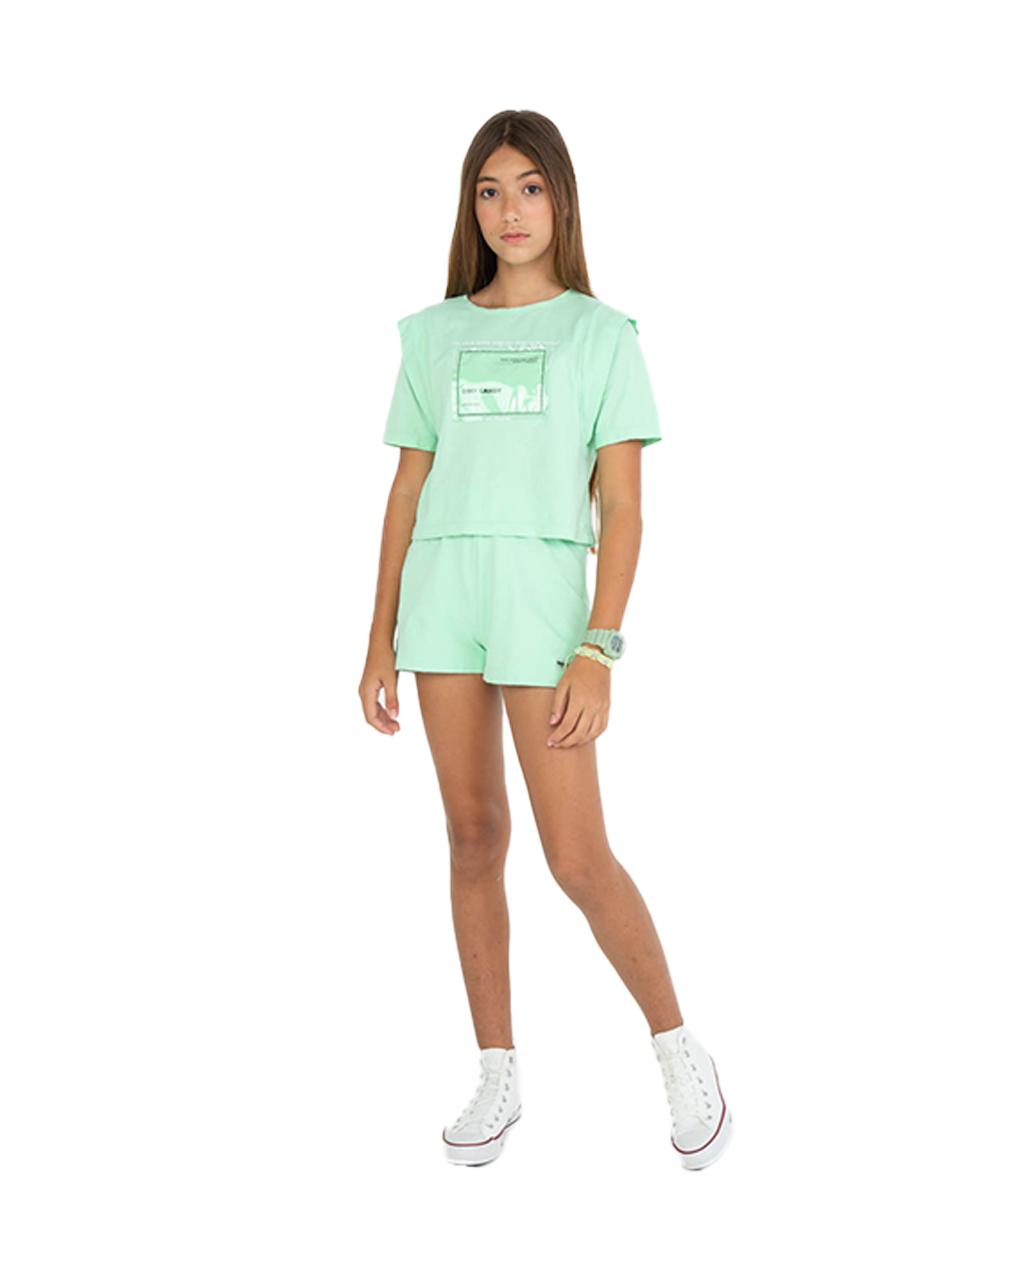 Conjunto Teen de T-shirt de Malha e Shorts de Moletom Verde Dimy Candy